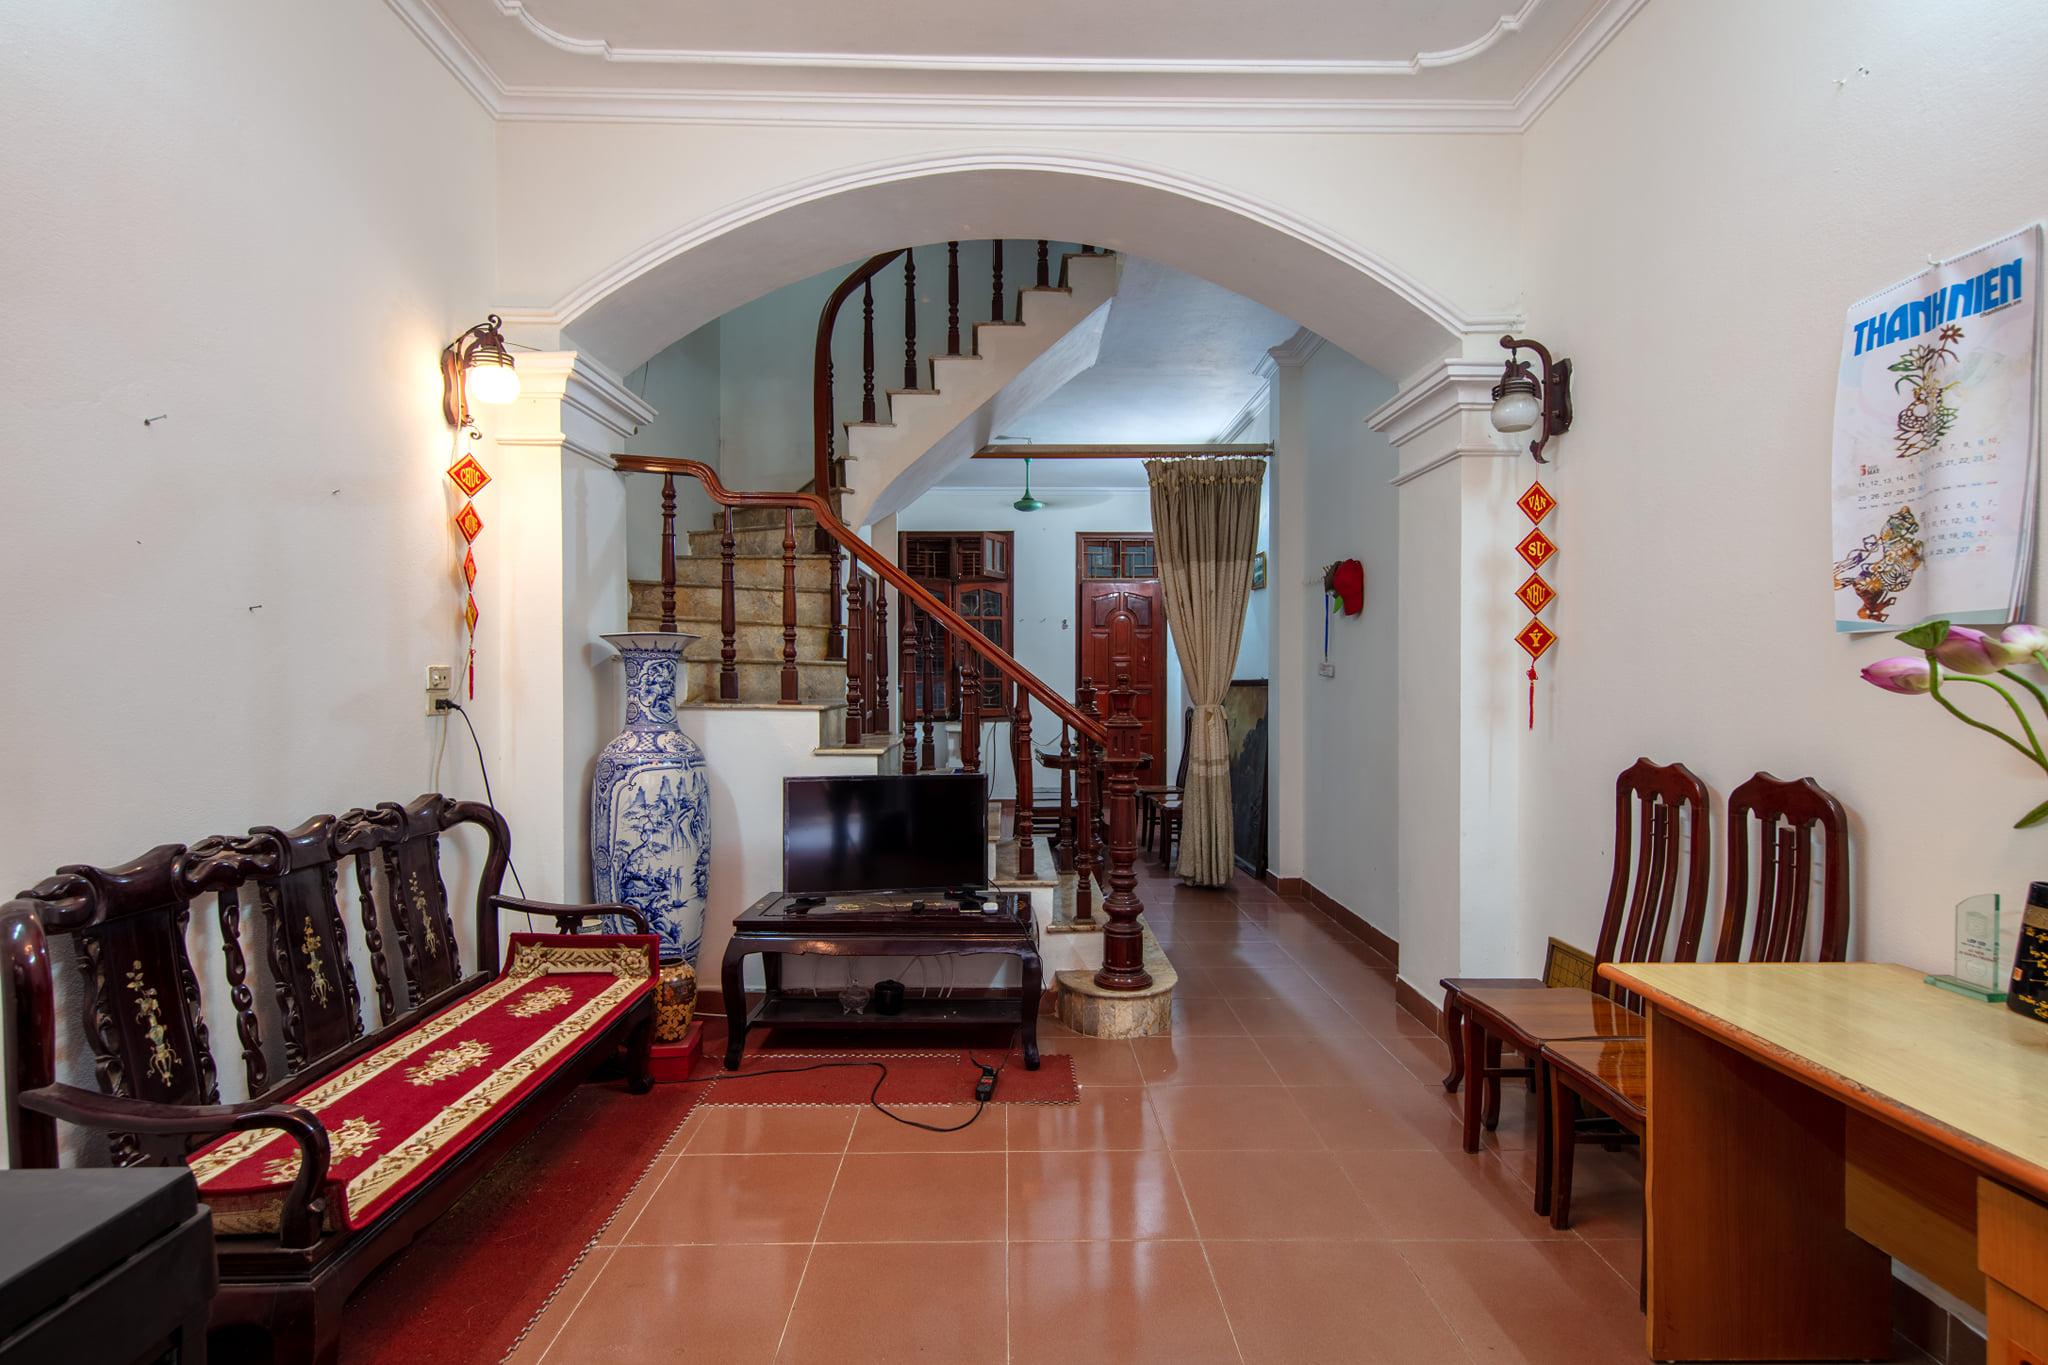 Bán nhà Phố Nguyễn Lân, 60m2x4T, phân lô, gần phố, nhà đẹp, 5.4 tỷ.